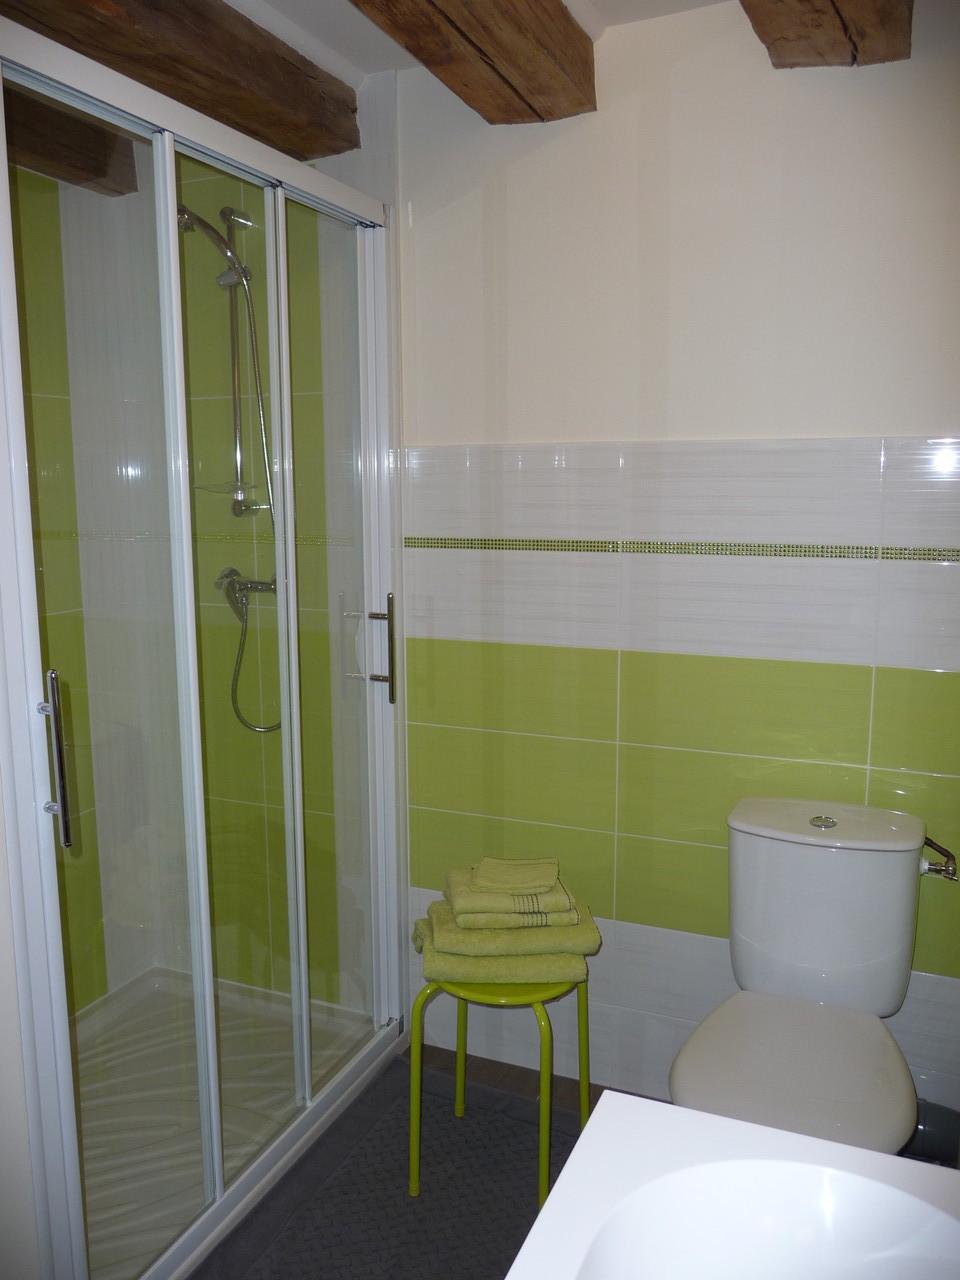 Salle d'eau privative - Gite du Boistier - Préaux du Perche